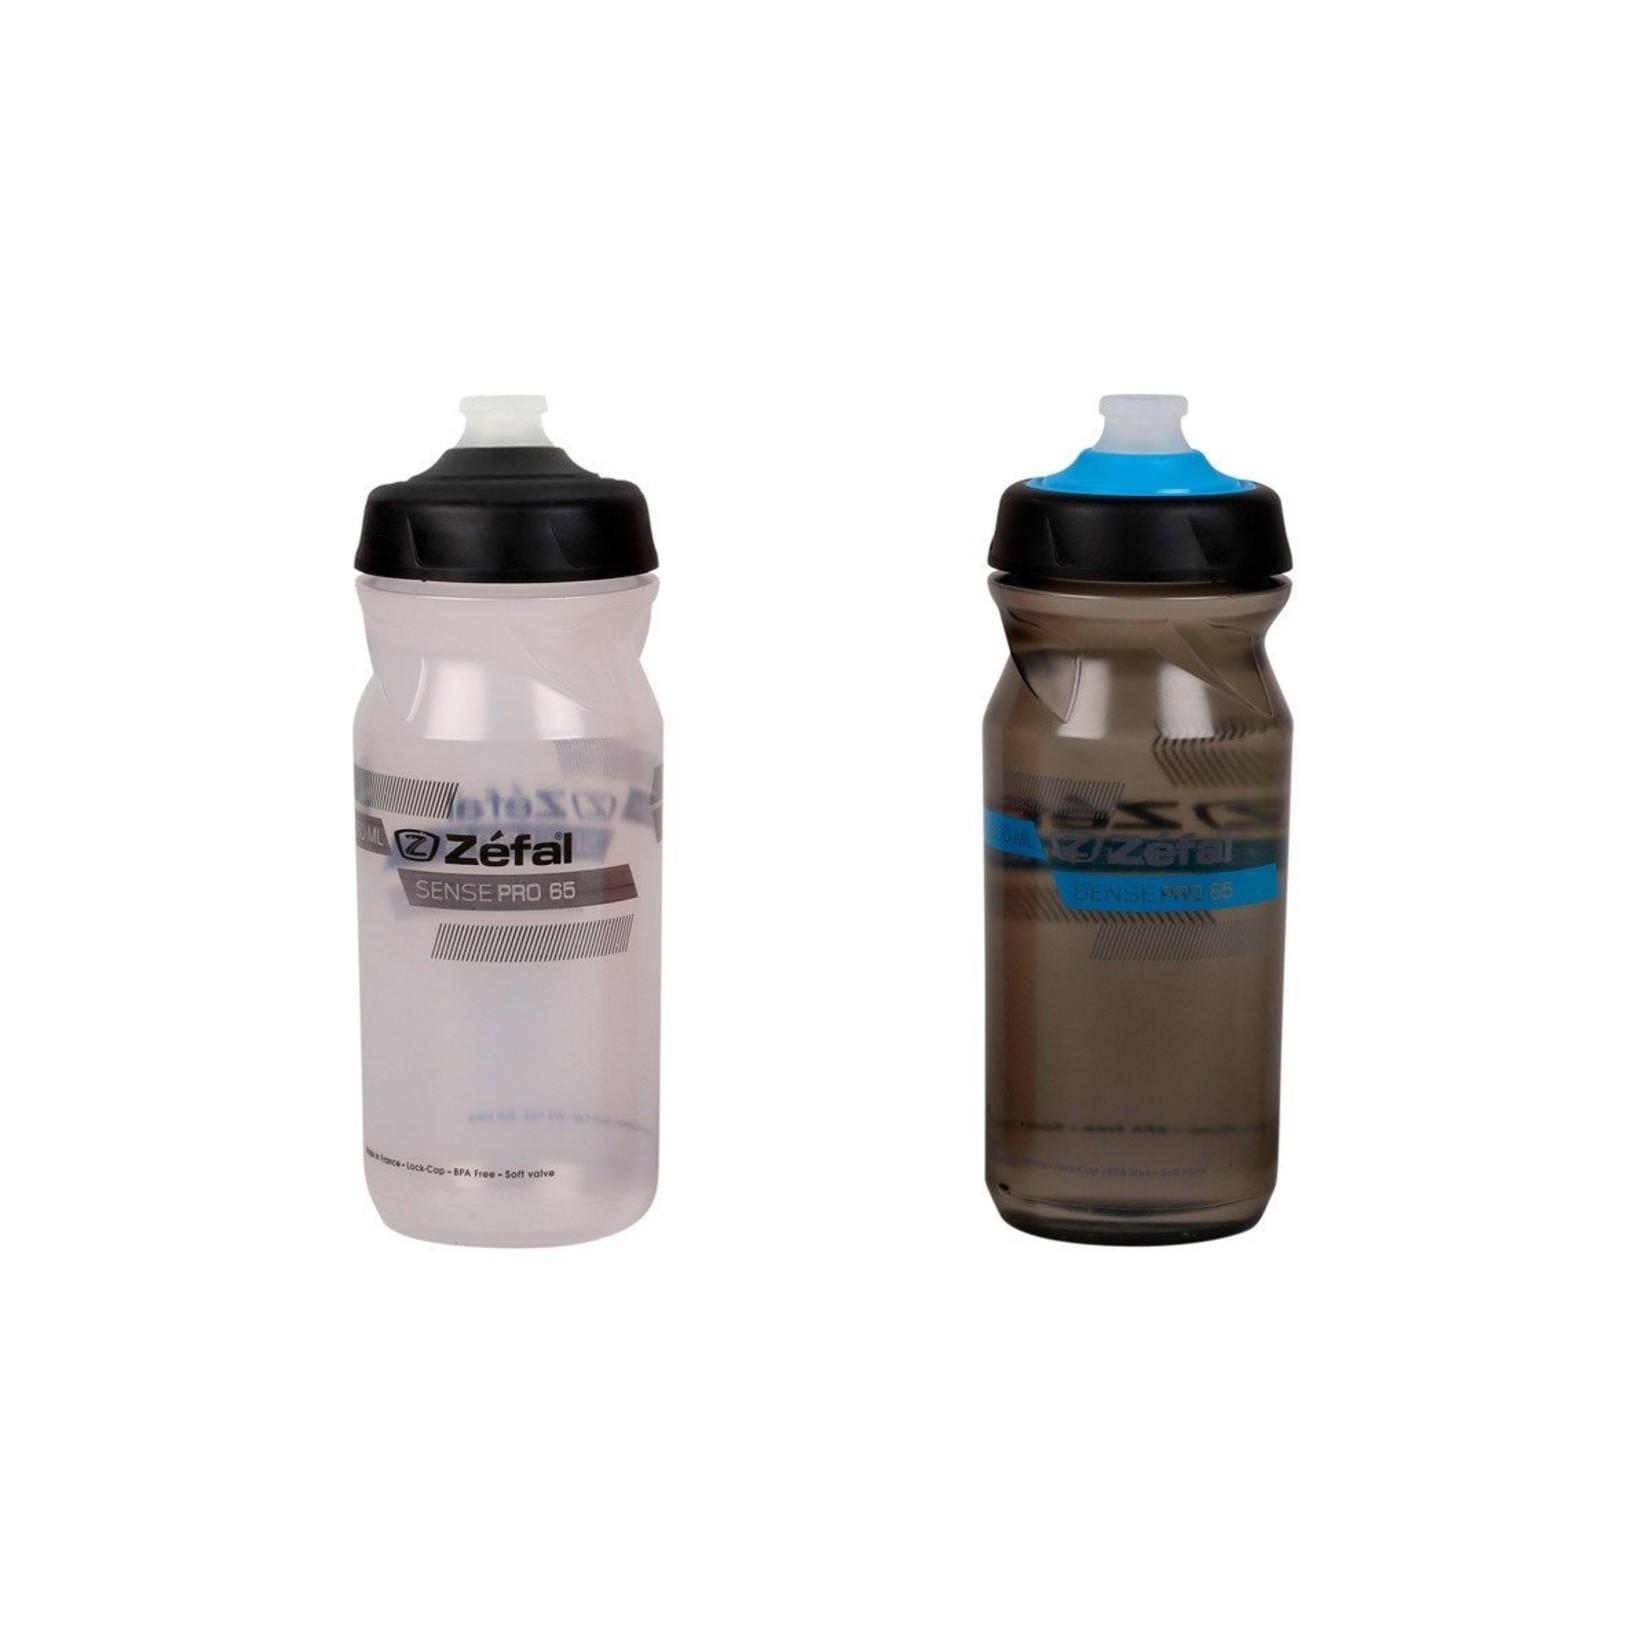 Zefal Zefal, Sense Pro 65 Water Bottle